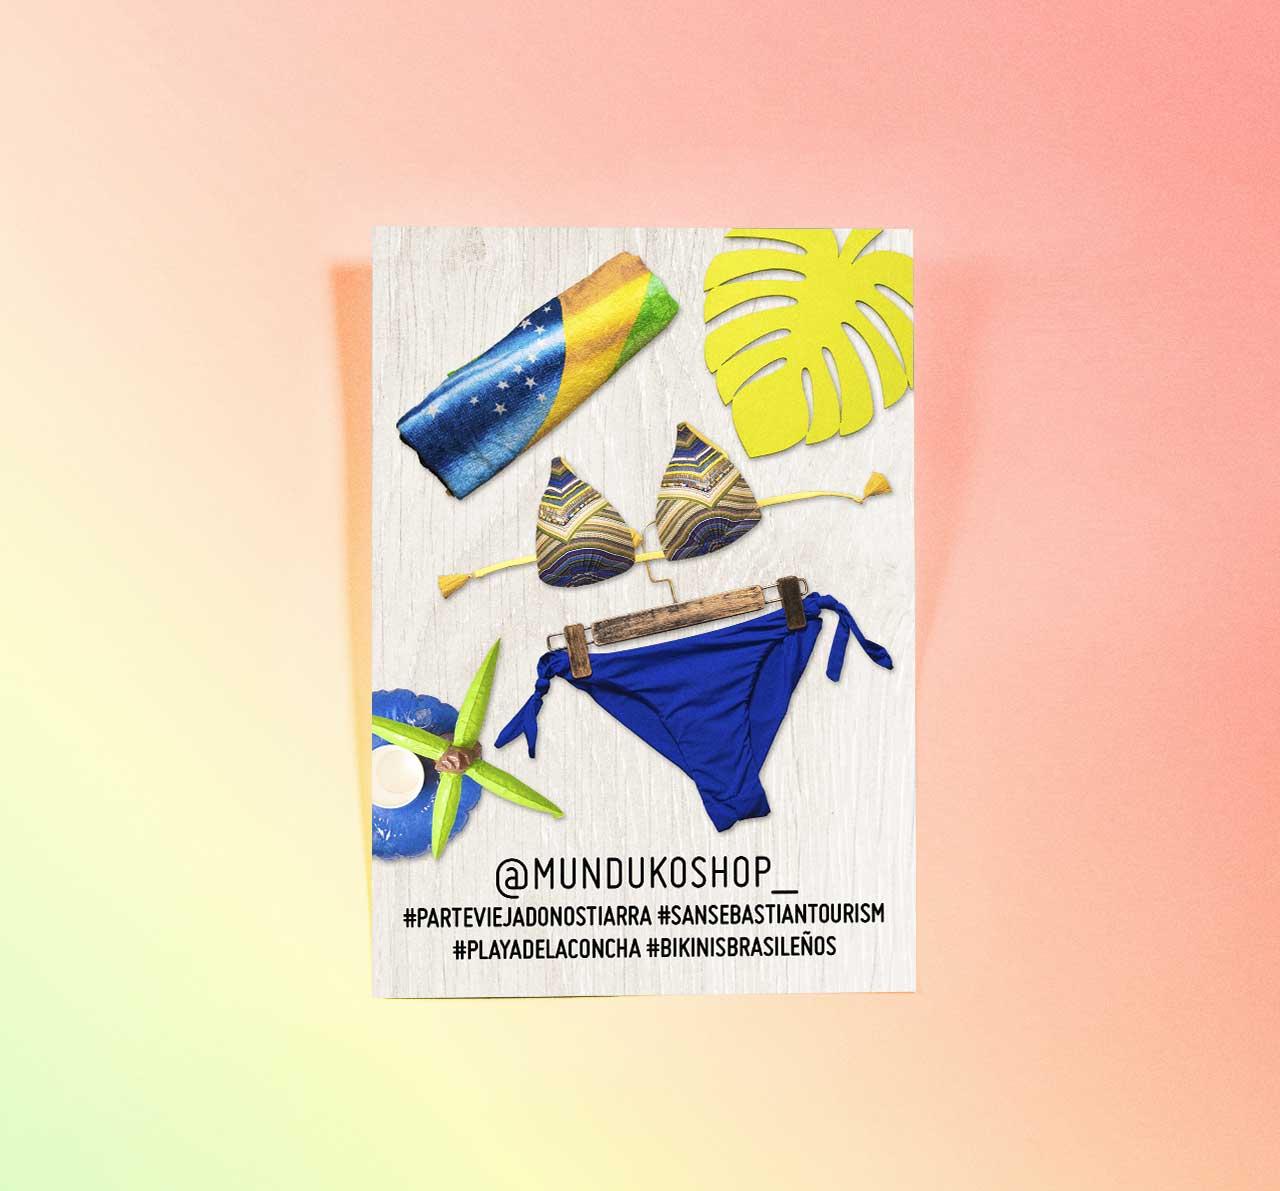 Munduko Shop - Diseño de marca 1